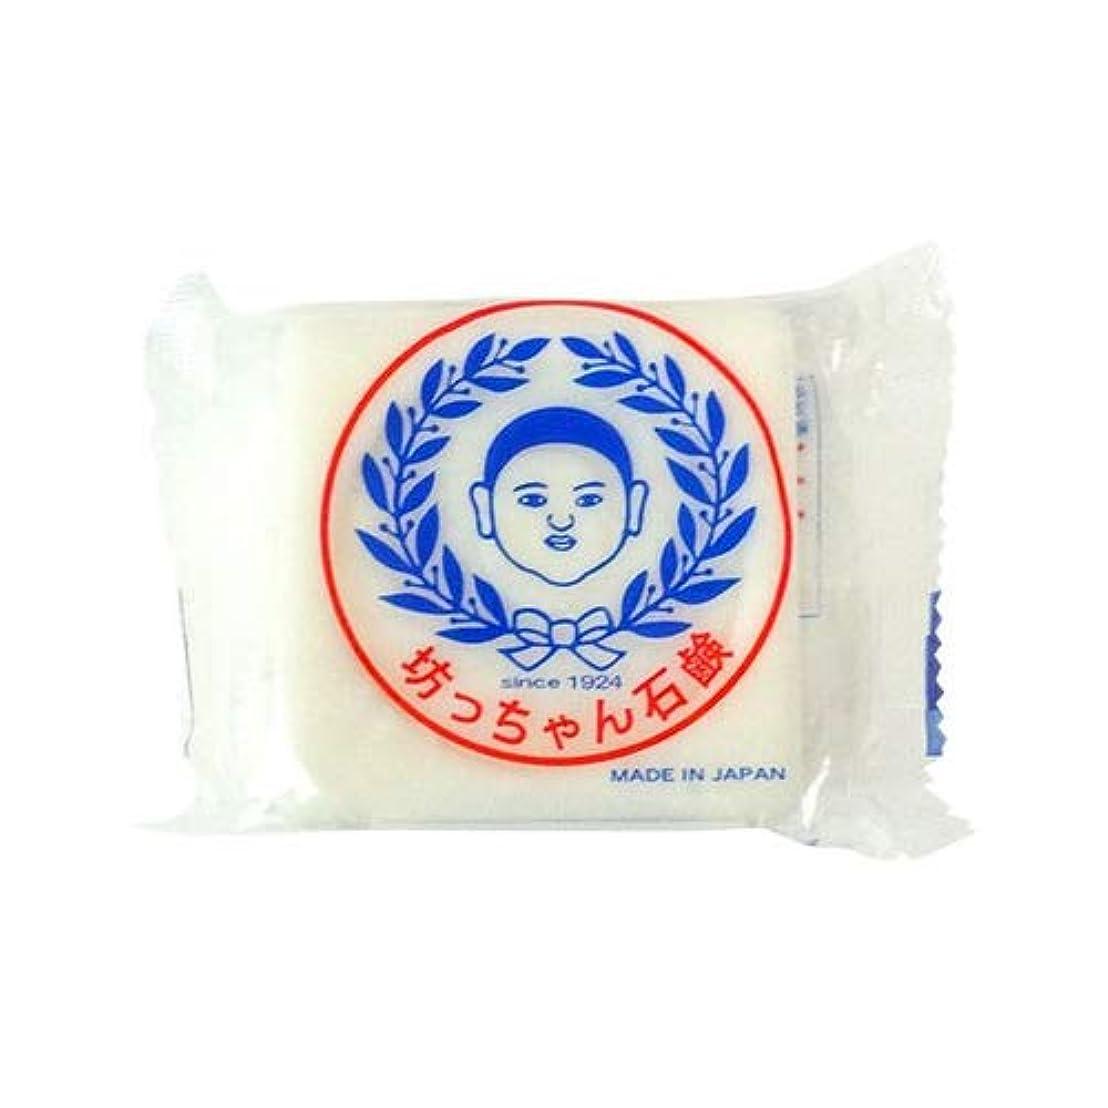 異常アライメントの量坊っちゃん石鹸 ミニサイズ 100g